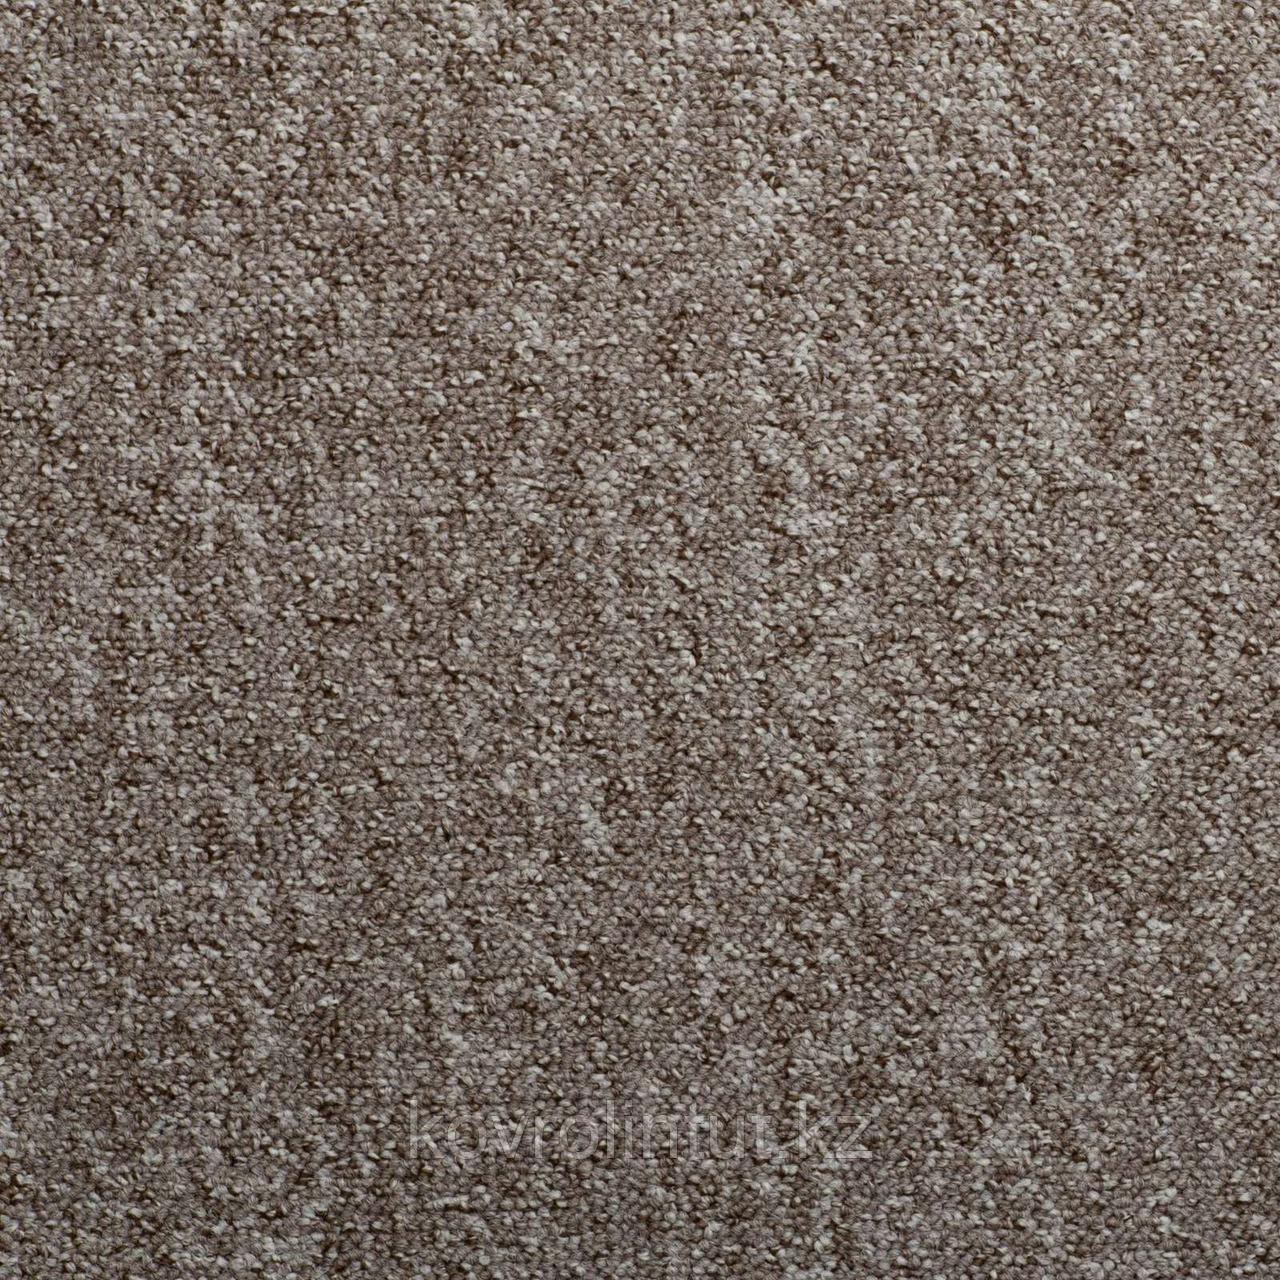 Покрытие ковровое Forza New 3918, 4 м, коричневый, 100%PP